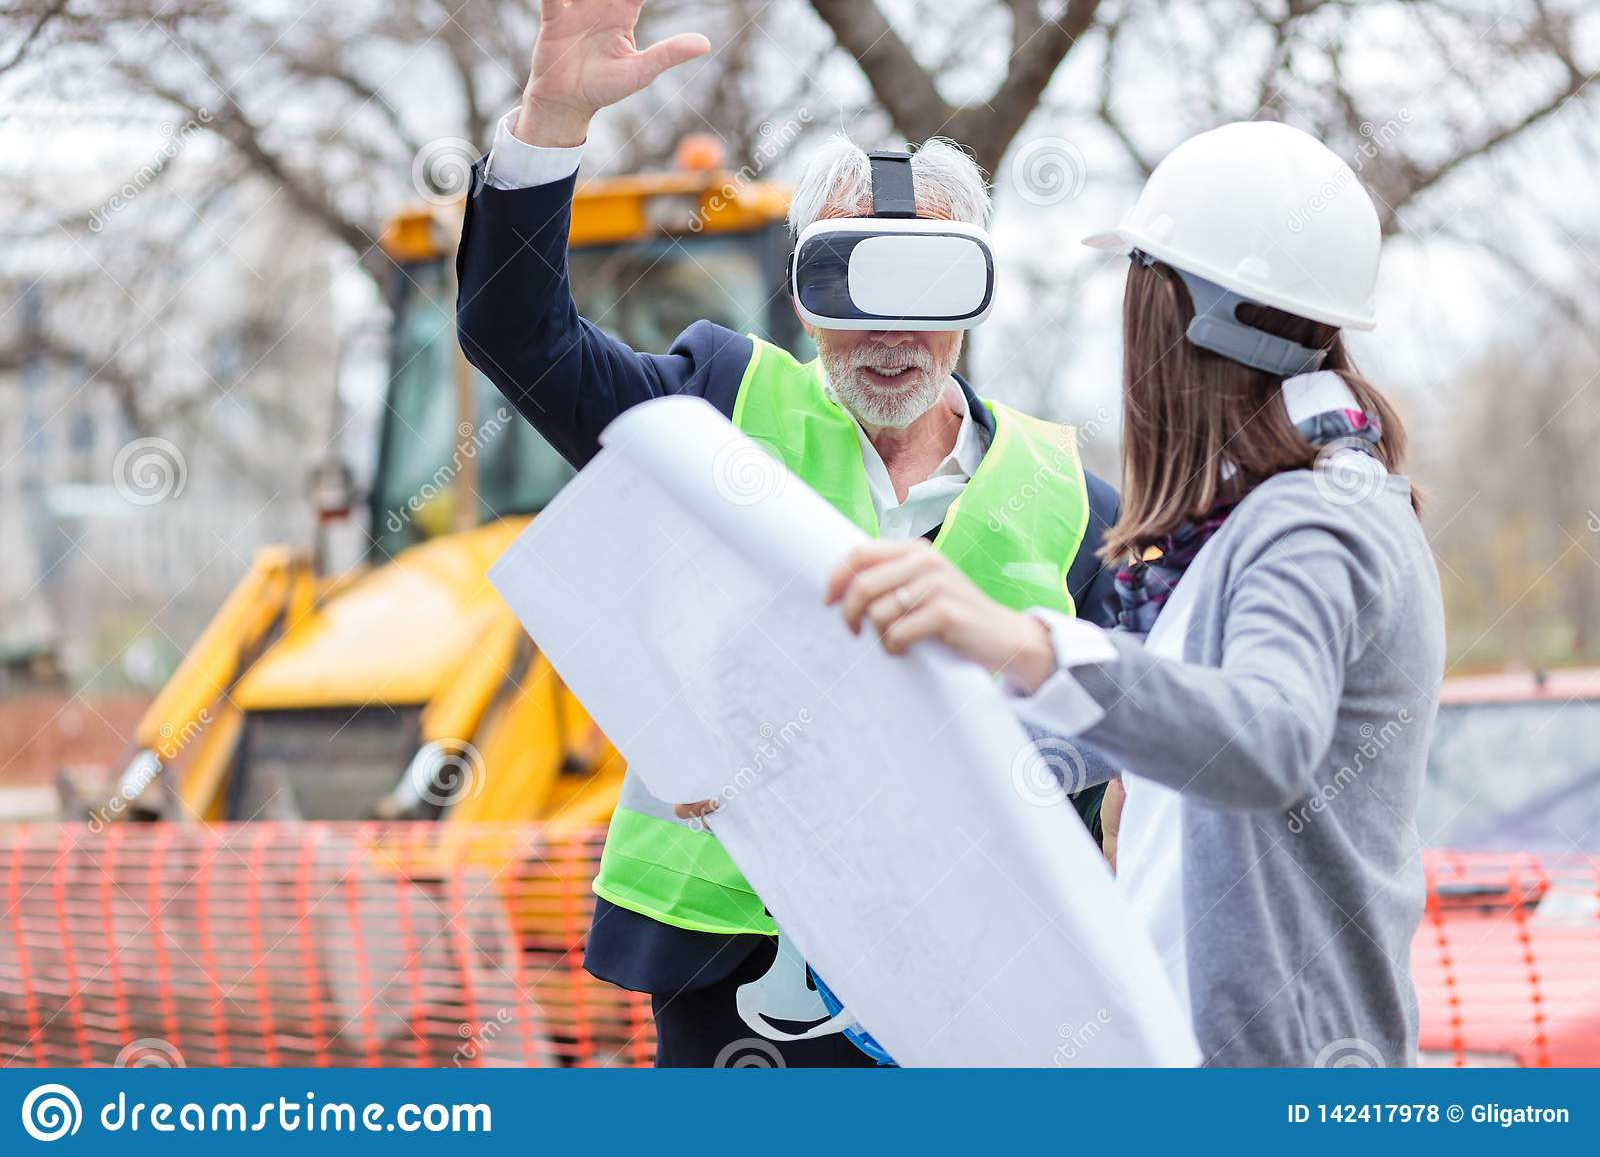 Arquiteto ou homem de negócios superior que usa óculos de proteção da realidade virtual em um canteiro de obras